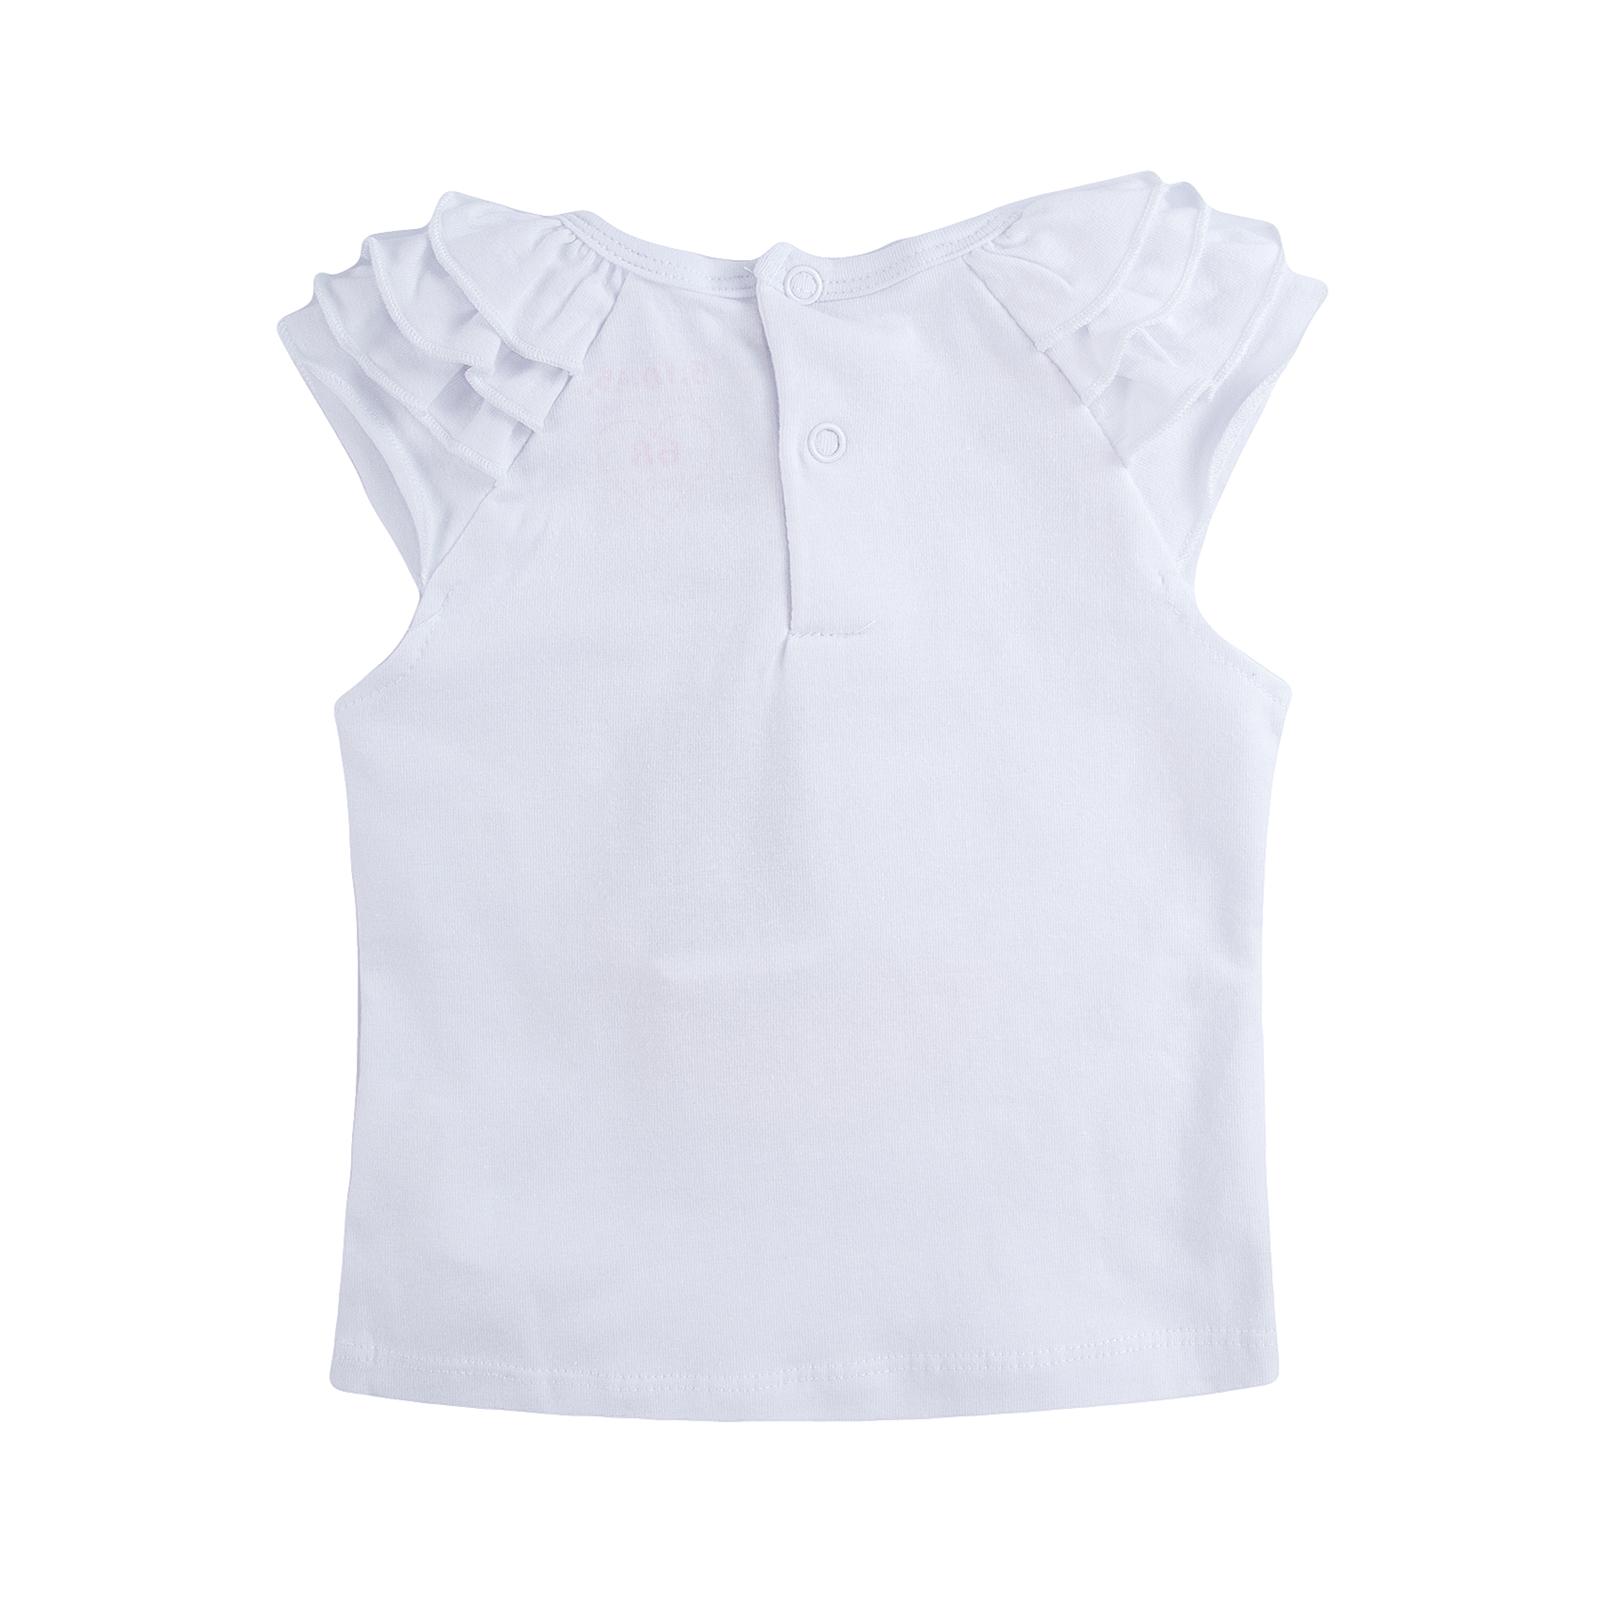 Футболка с коротким рукавом для девочек 5.10.15. цвет белый, с принтом, на шее заклепка 6 мес.